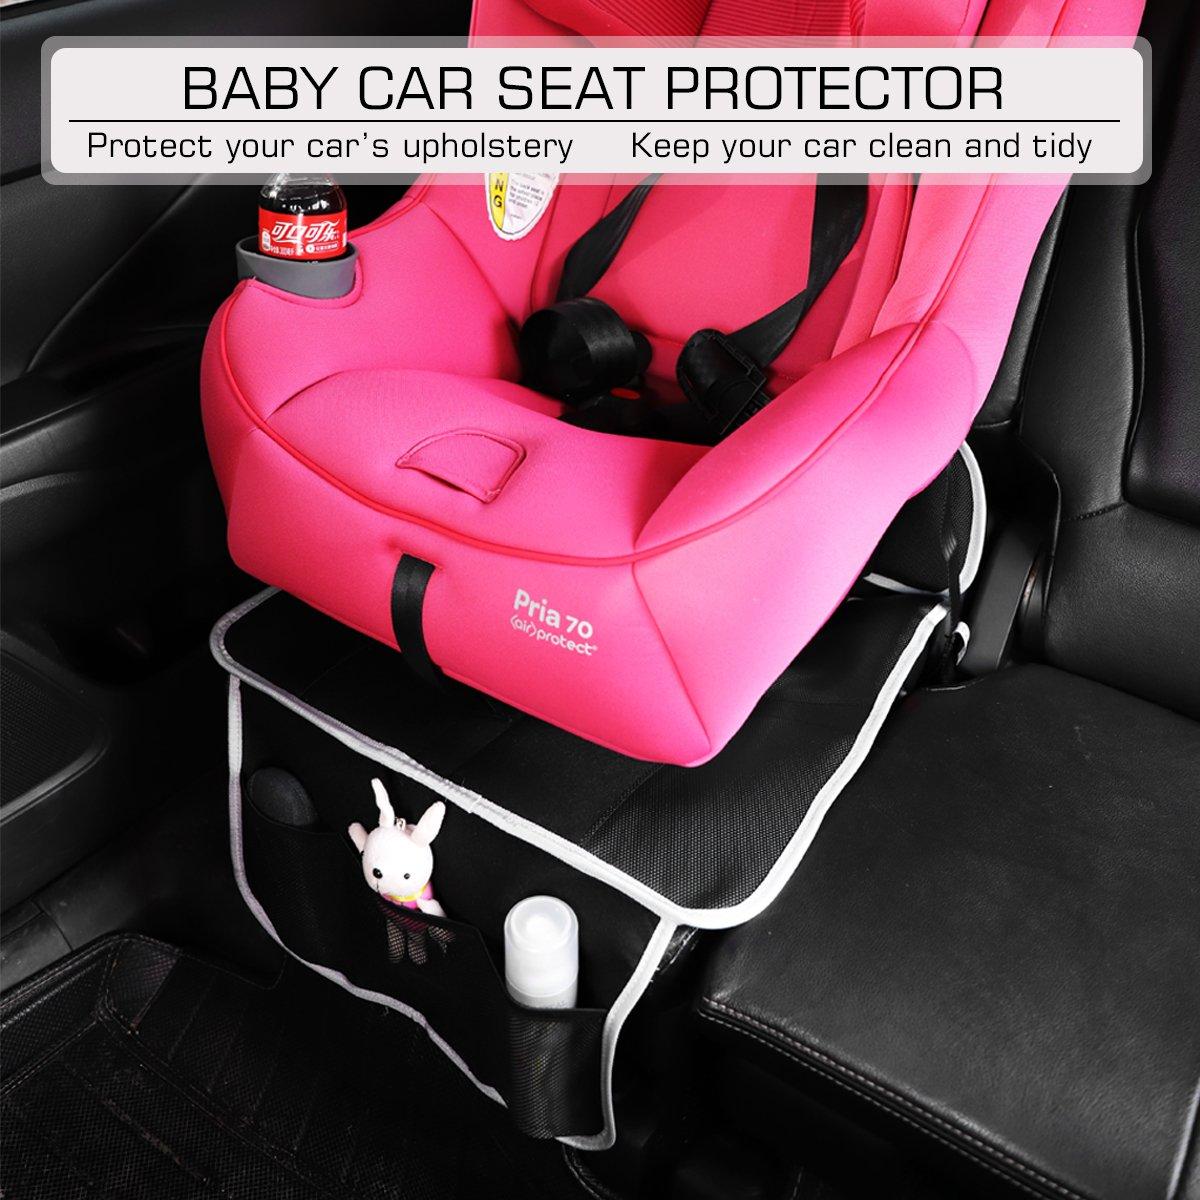 Salcar Protector de asiento de coche para bebe Antideslizante, Protección para niño y asientos de coche, Protector para asiento trasero para bebés y niños ...